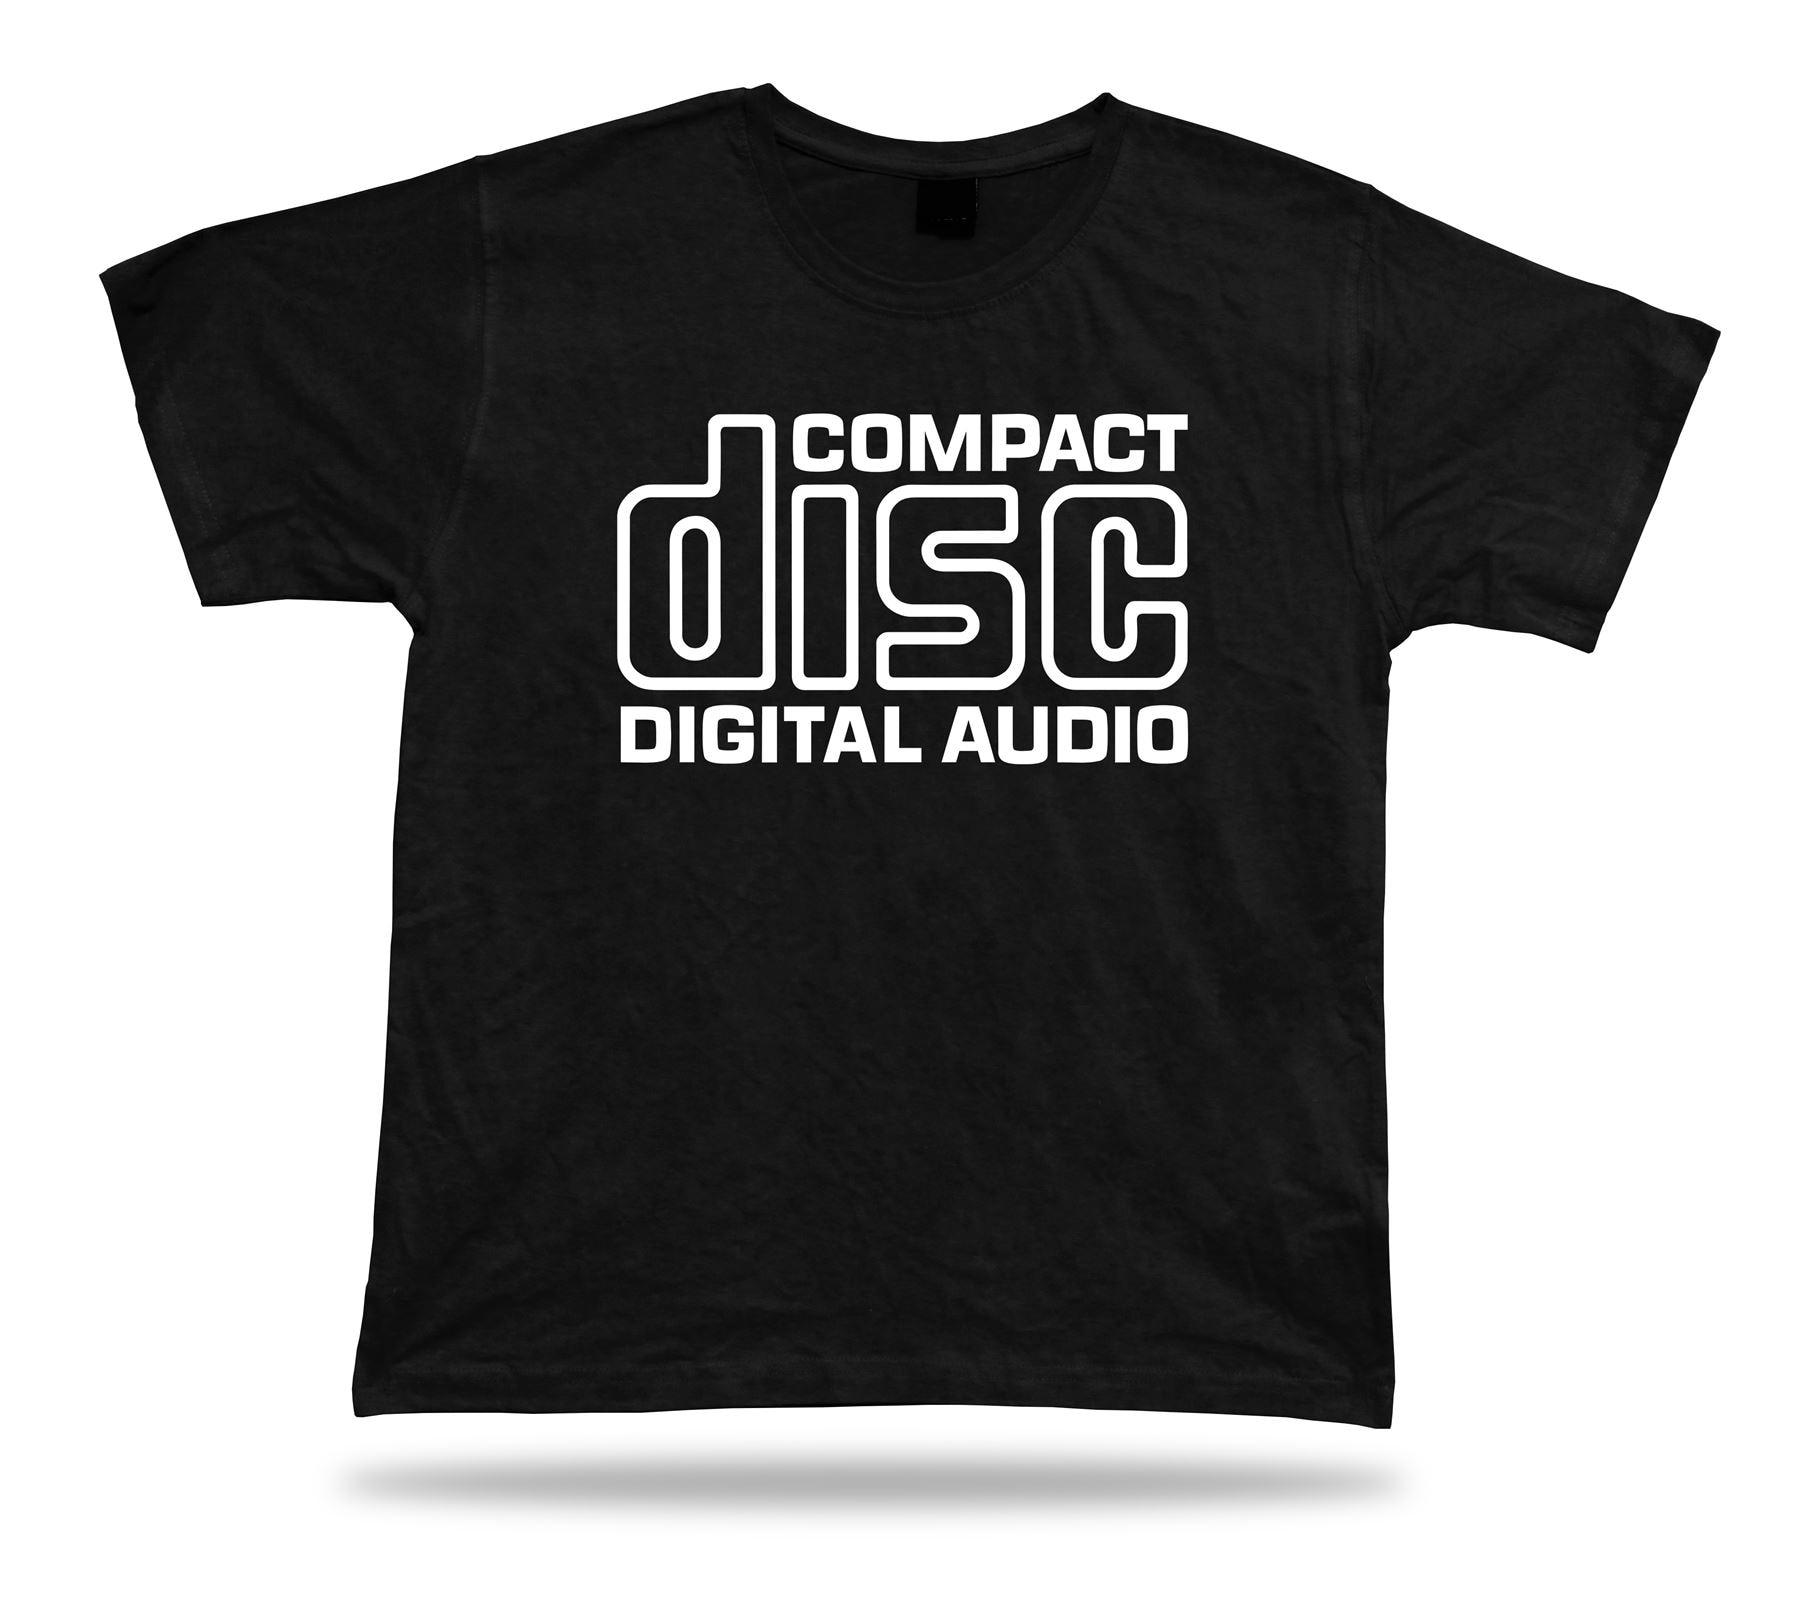 Цифровая футболка с компактным диском и аудиозаписью, Винтажная футболка в стиле ретро с басами и забавной музыкой, хлопковая футболка с ко...